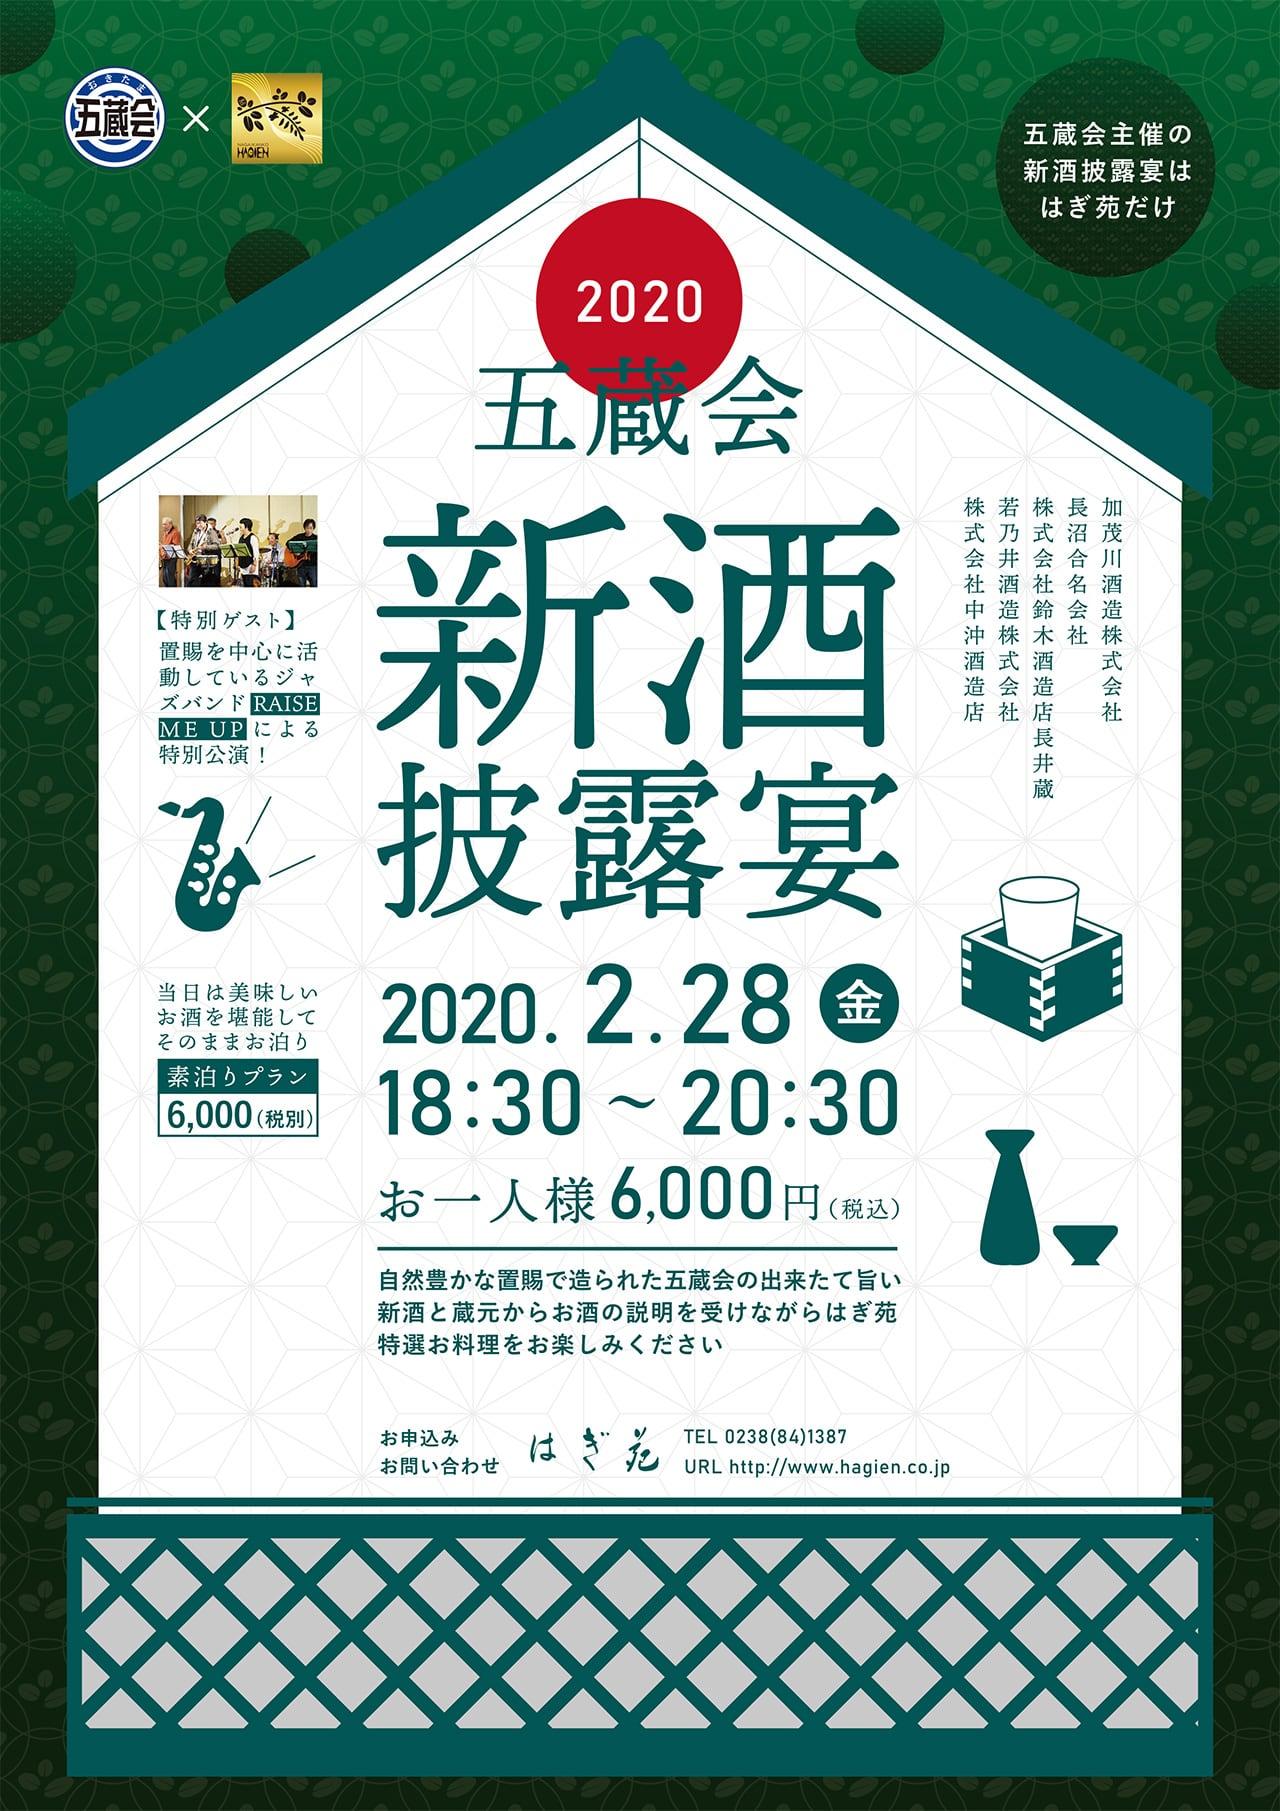 2020 五蔵会 新酒披露宴